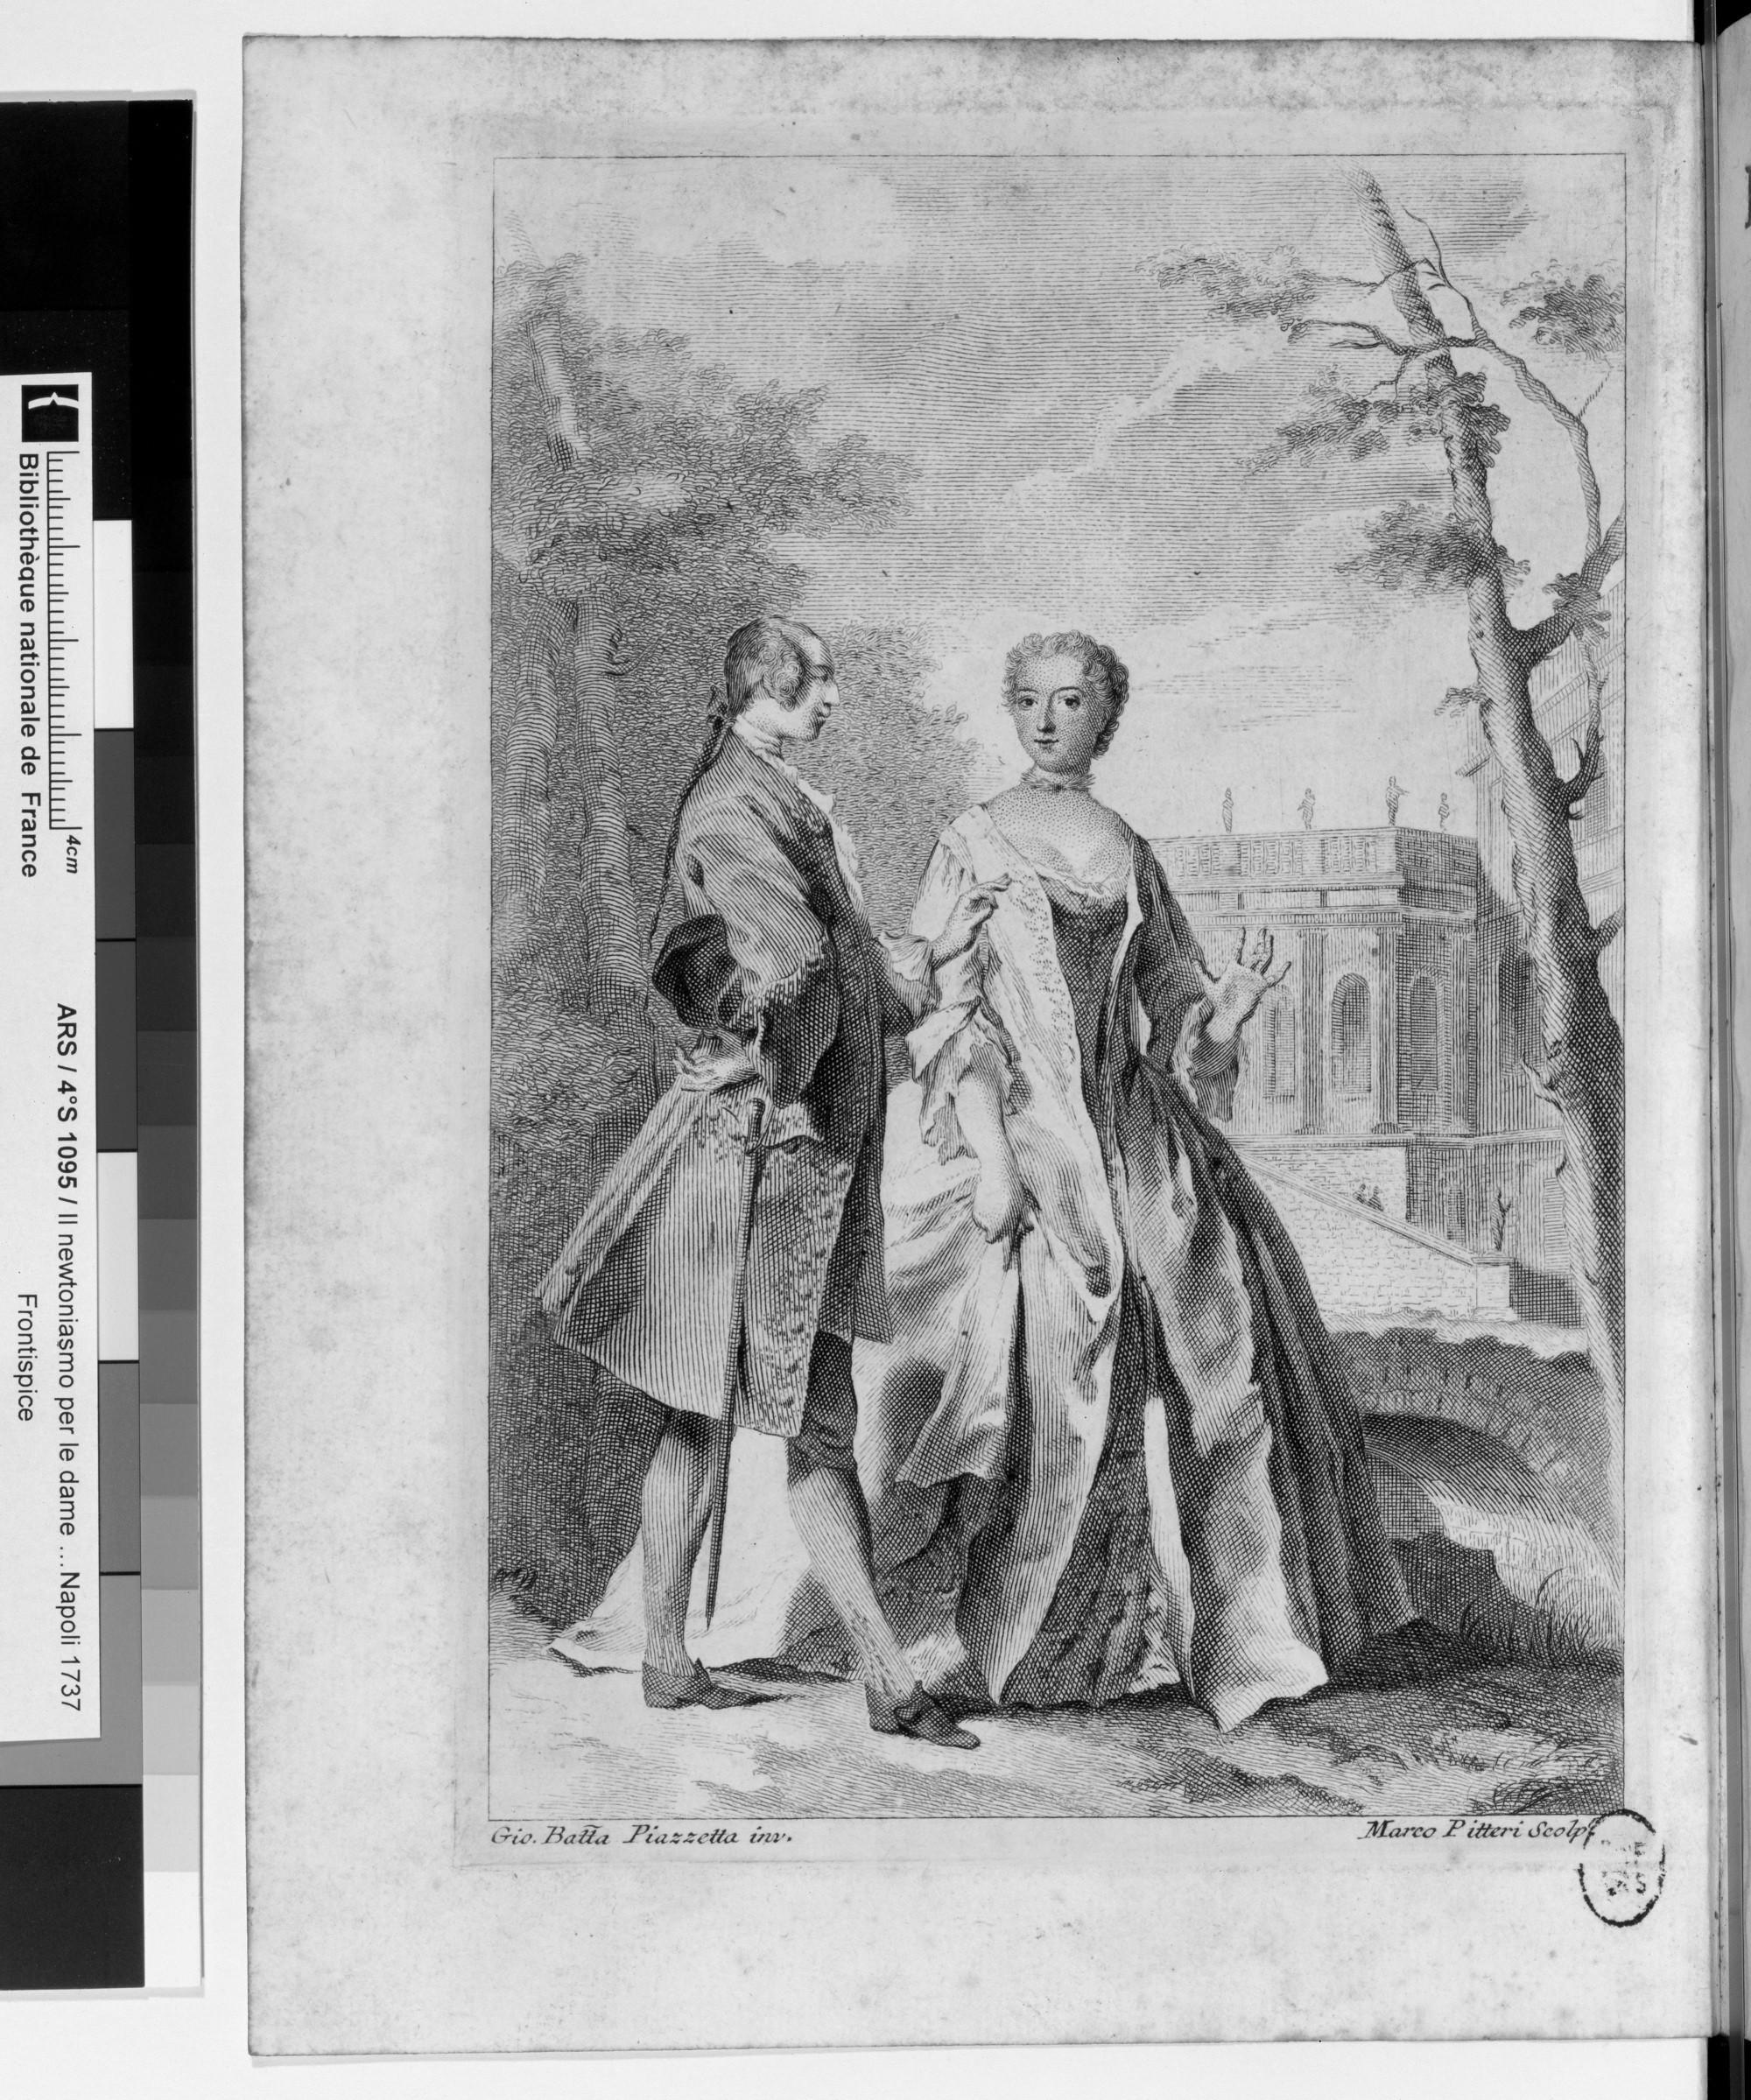 Francesco Algarotti, gravure dans Le Newtonianisme pour les dames, 1738, BnF, Paris.